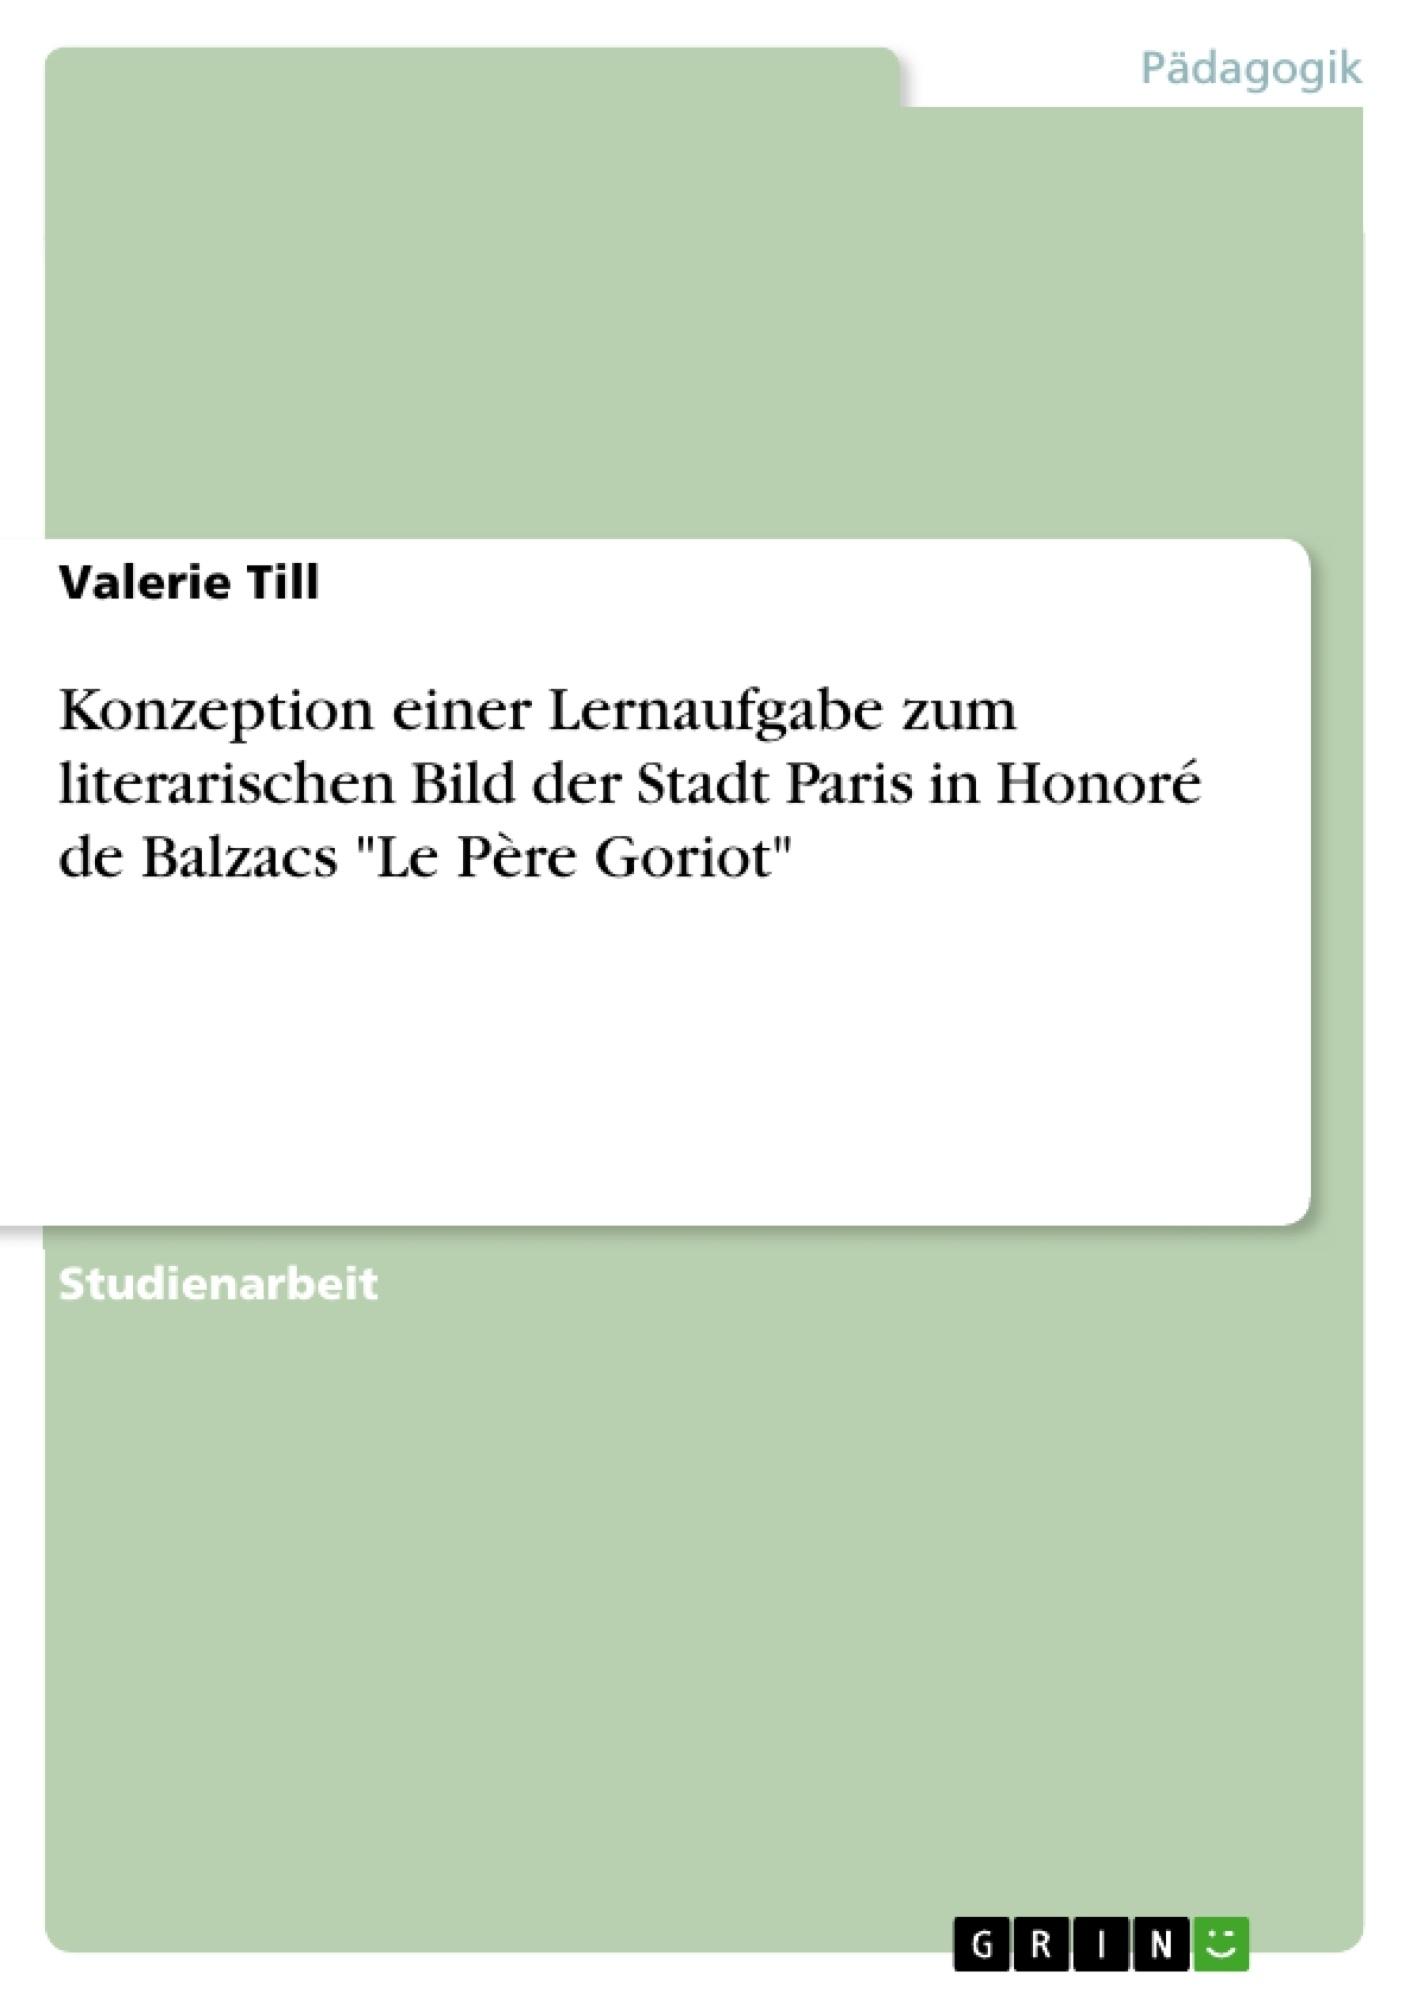 """Titel: Konzeption einer Lernaufgabe zum literarischen Bild der Stadt Paris in Honoré de Balzacs """"Le Père Goriot"""""""